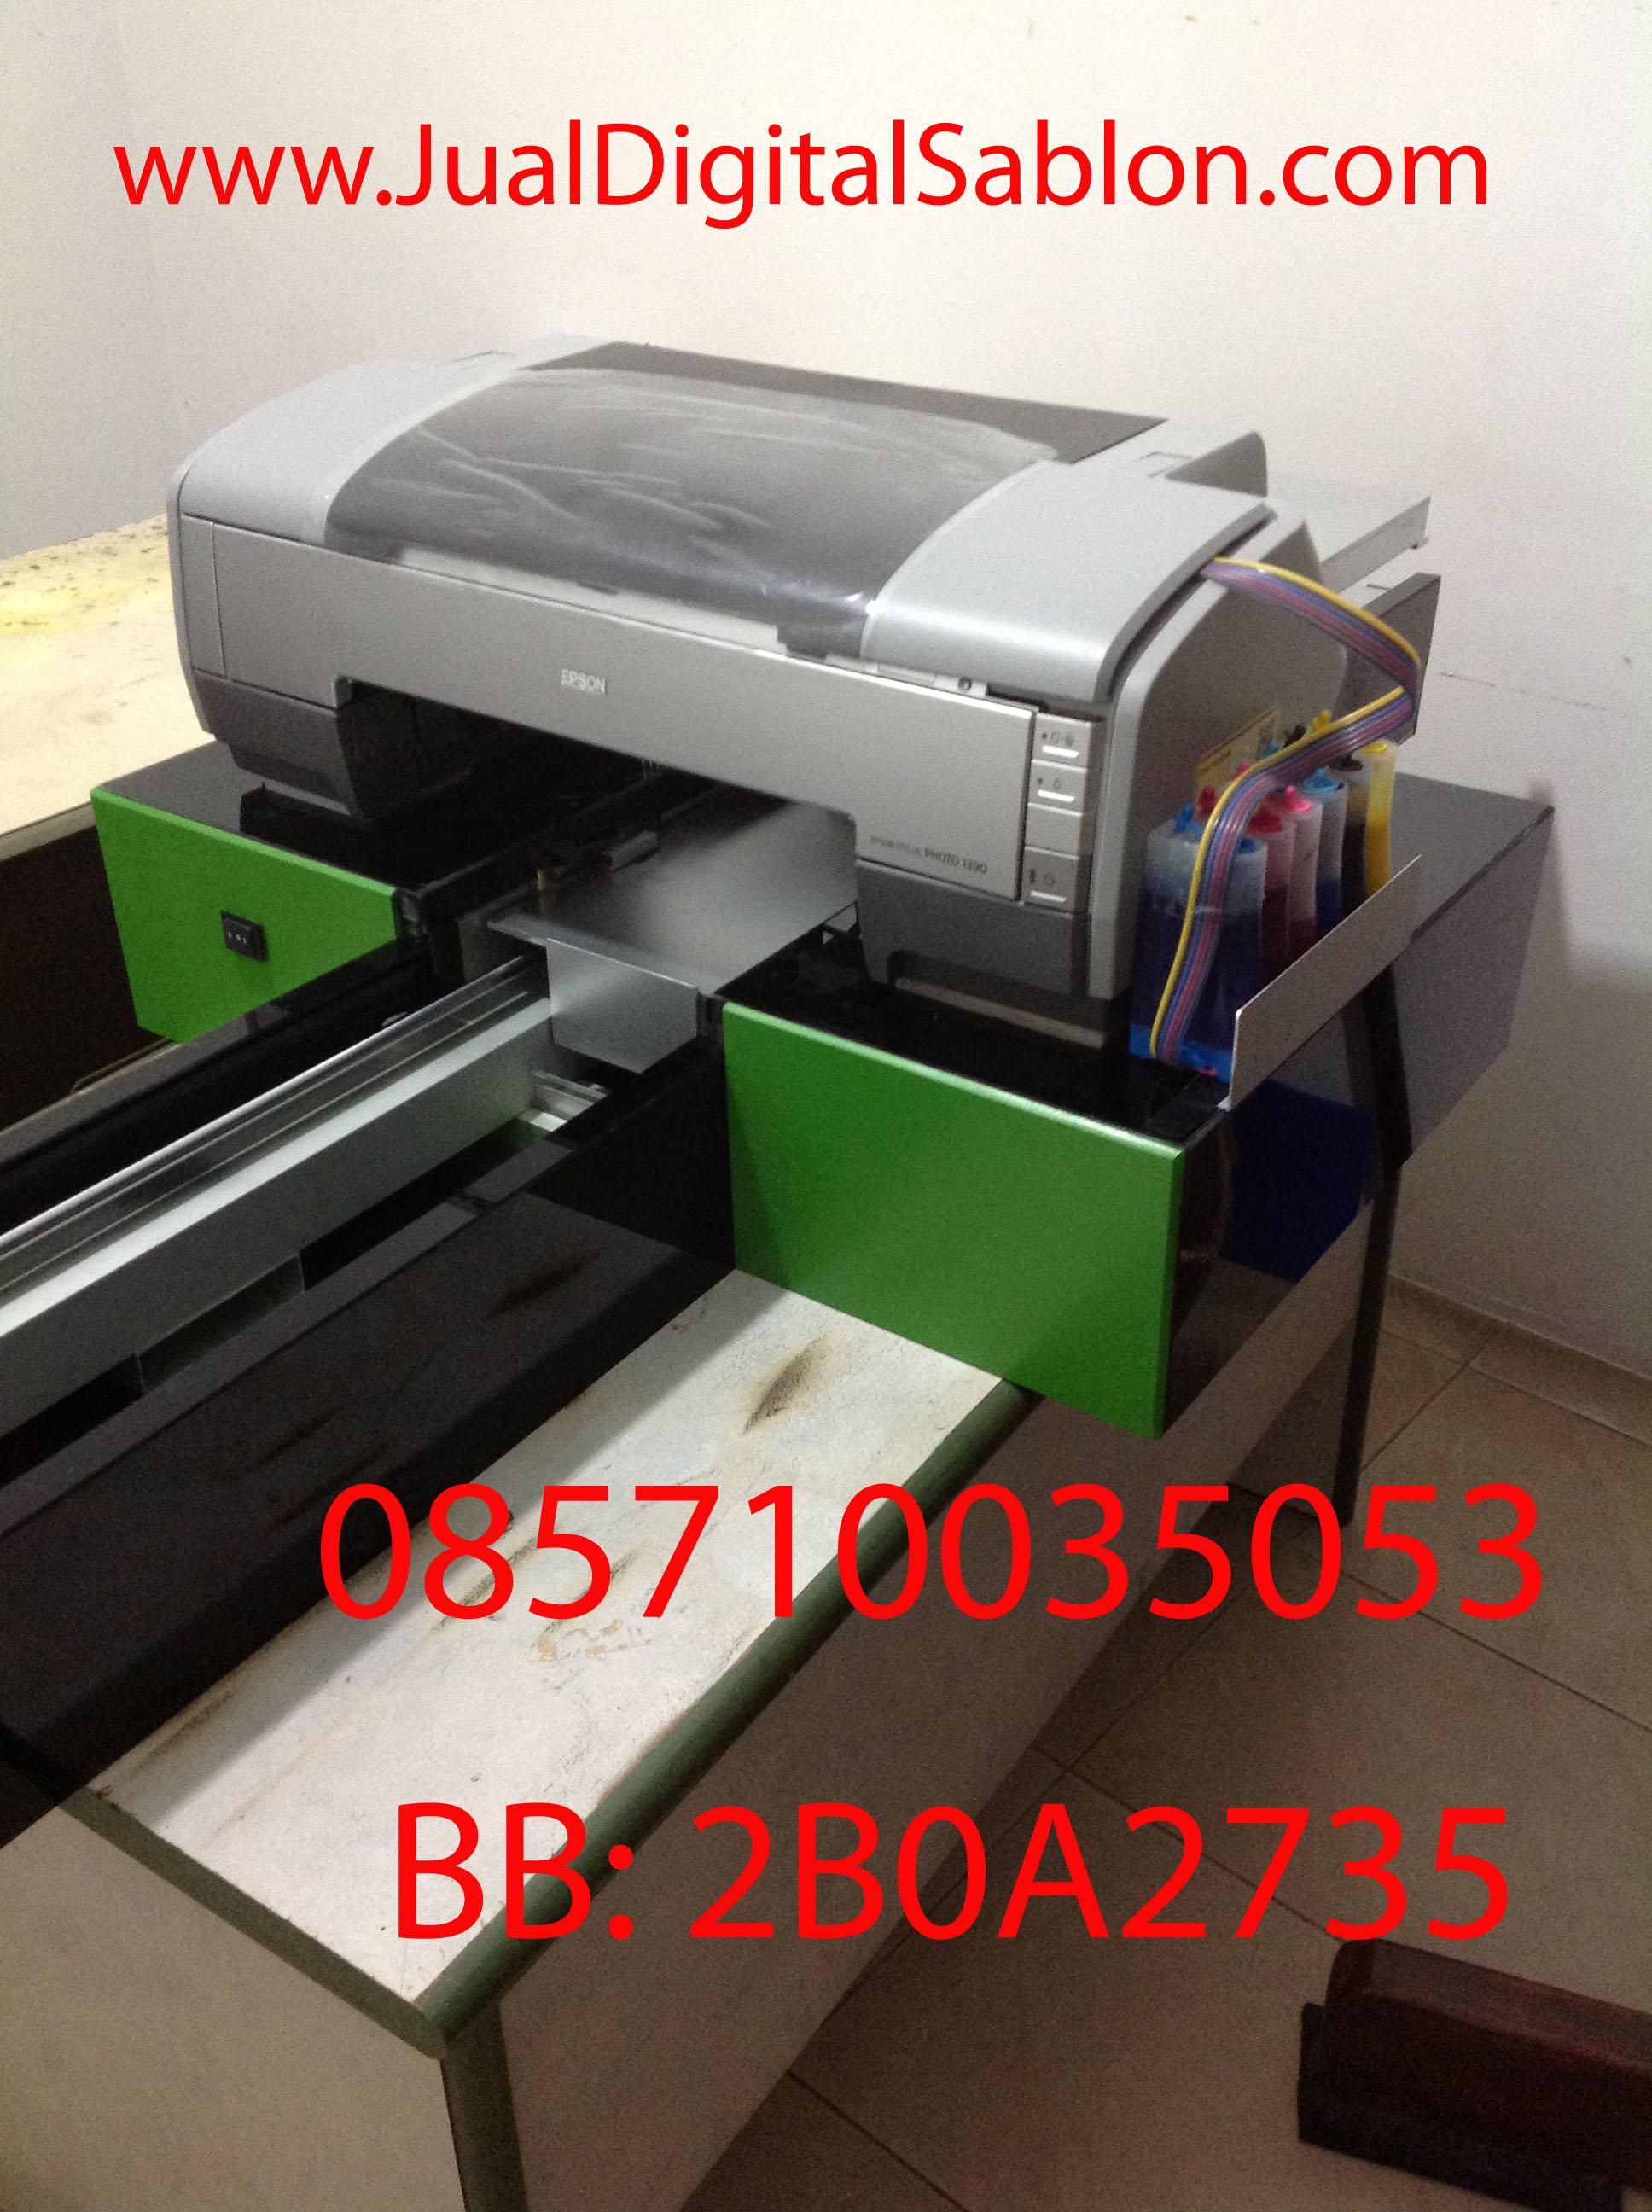 Cara Membersihkan Printer Epson : membersihkan, printer, epson, Printer, Cleaning, Epson